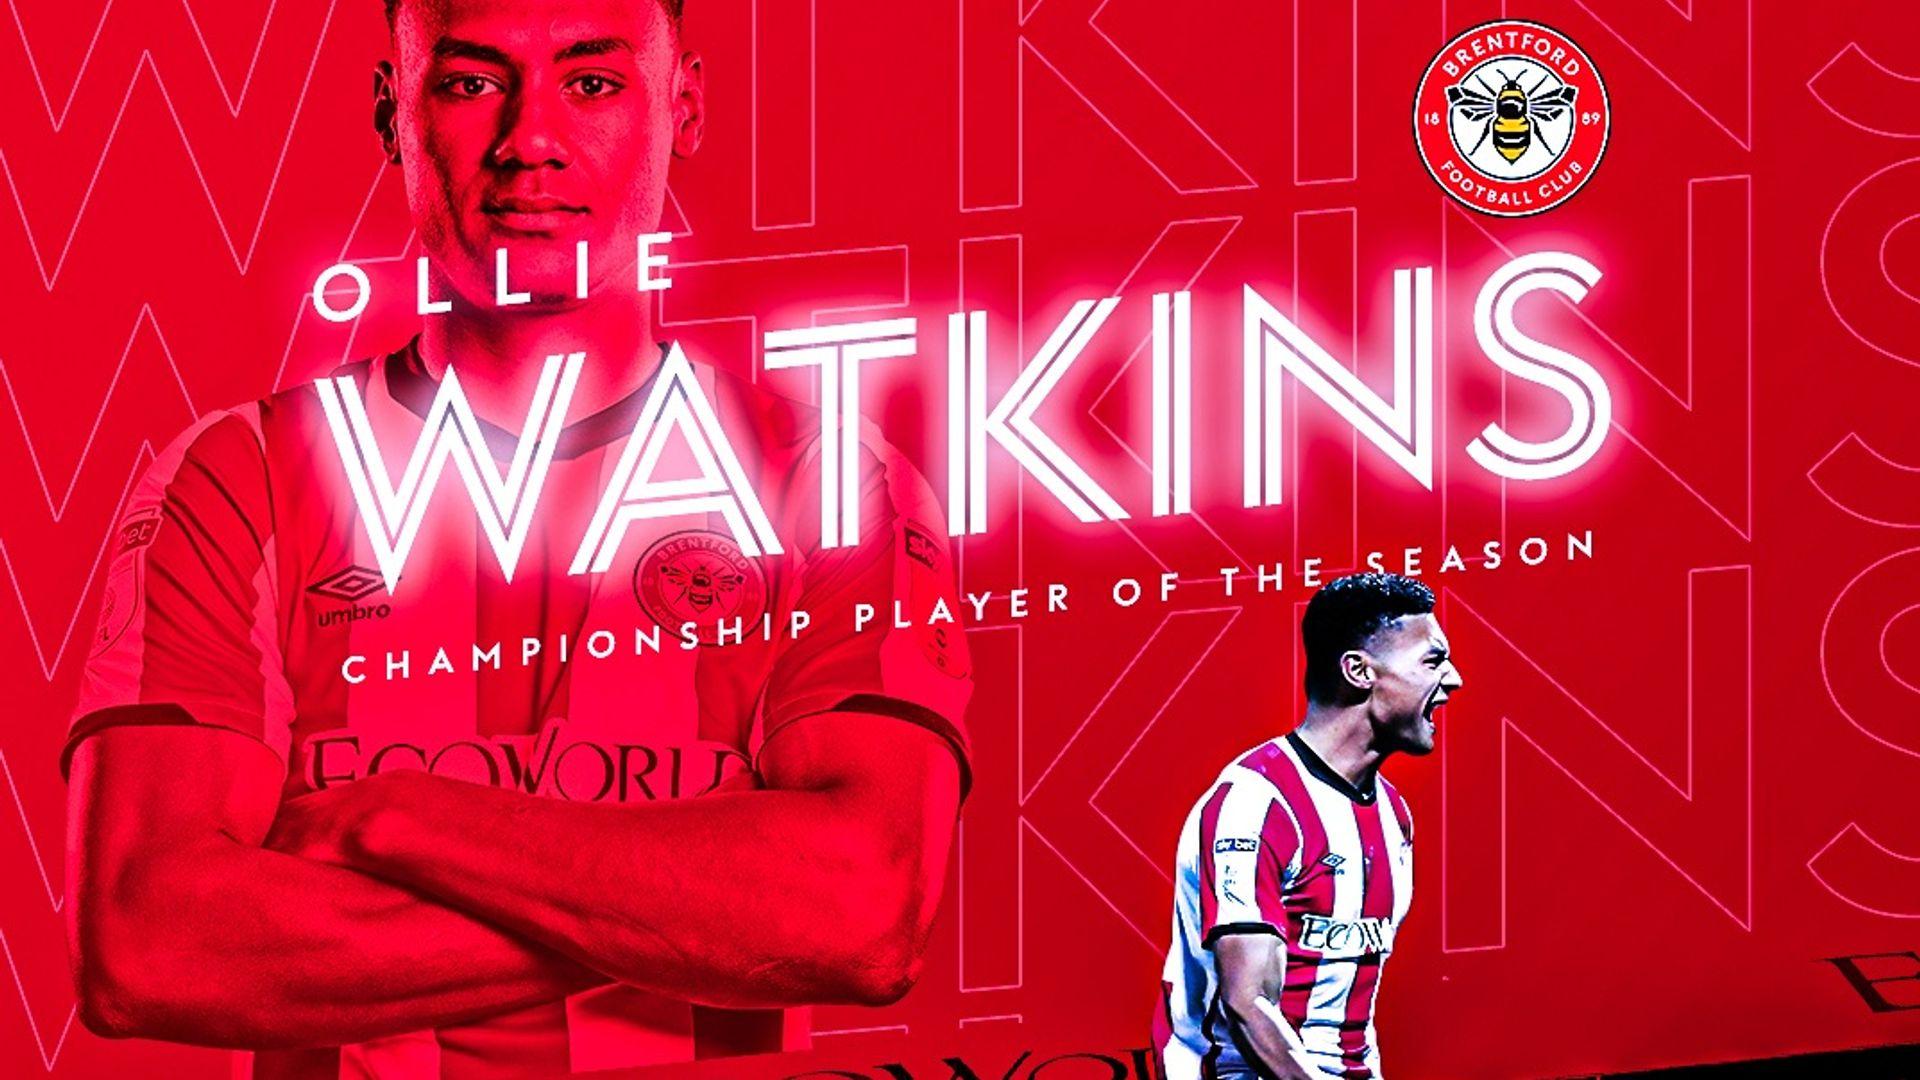 Watkins, Bellingham win EFL awards